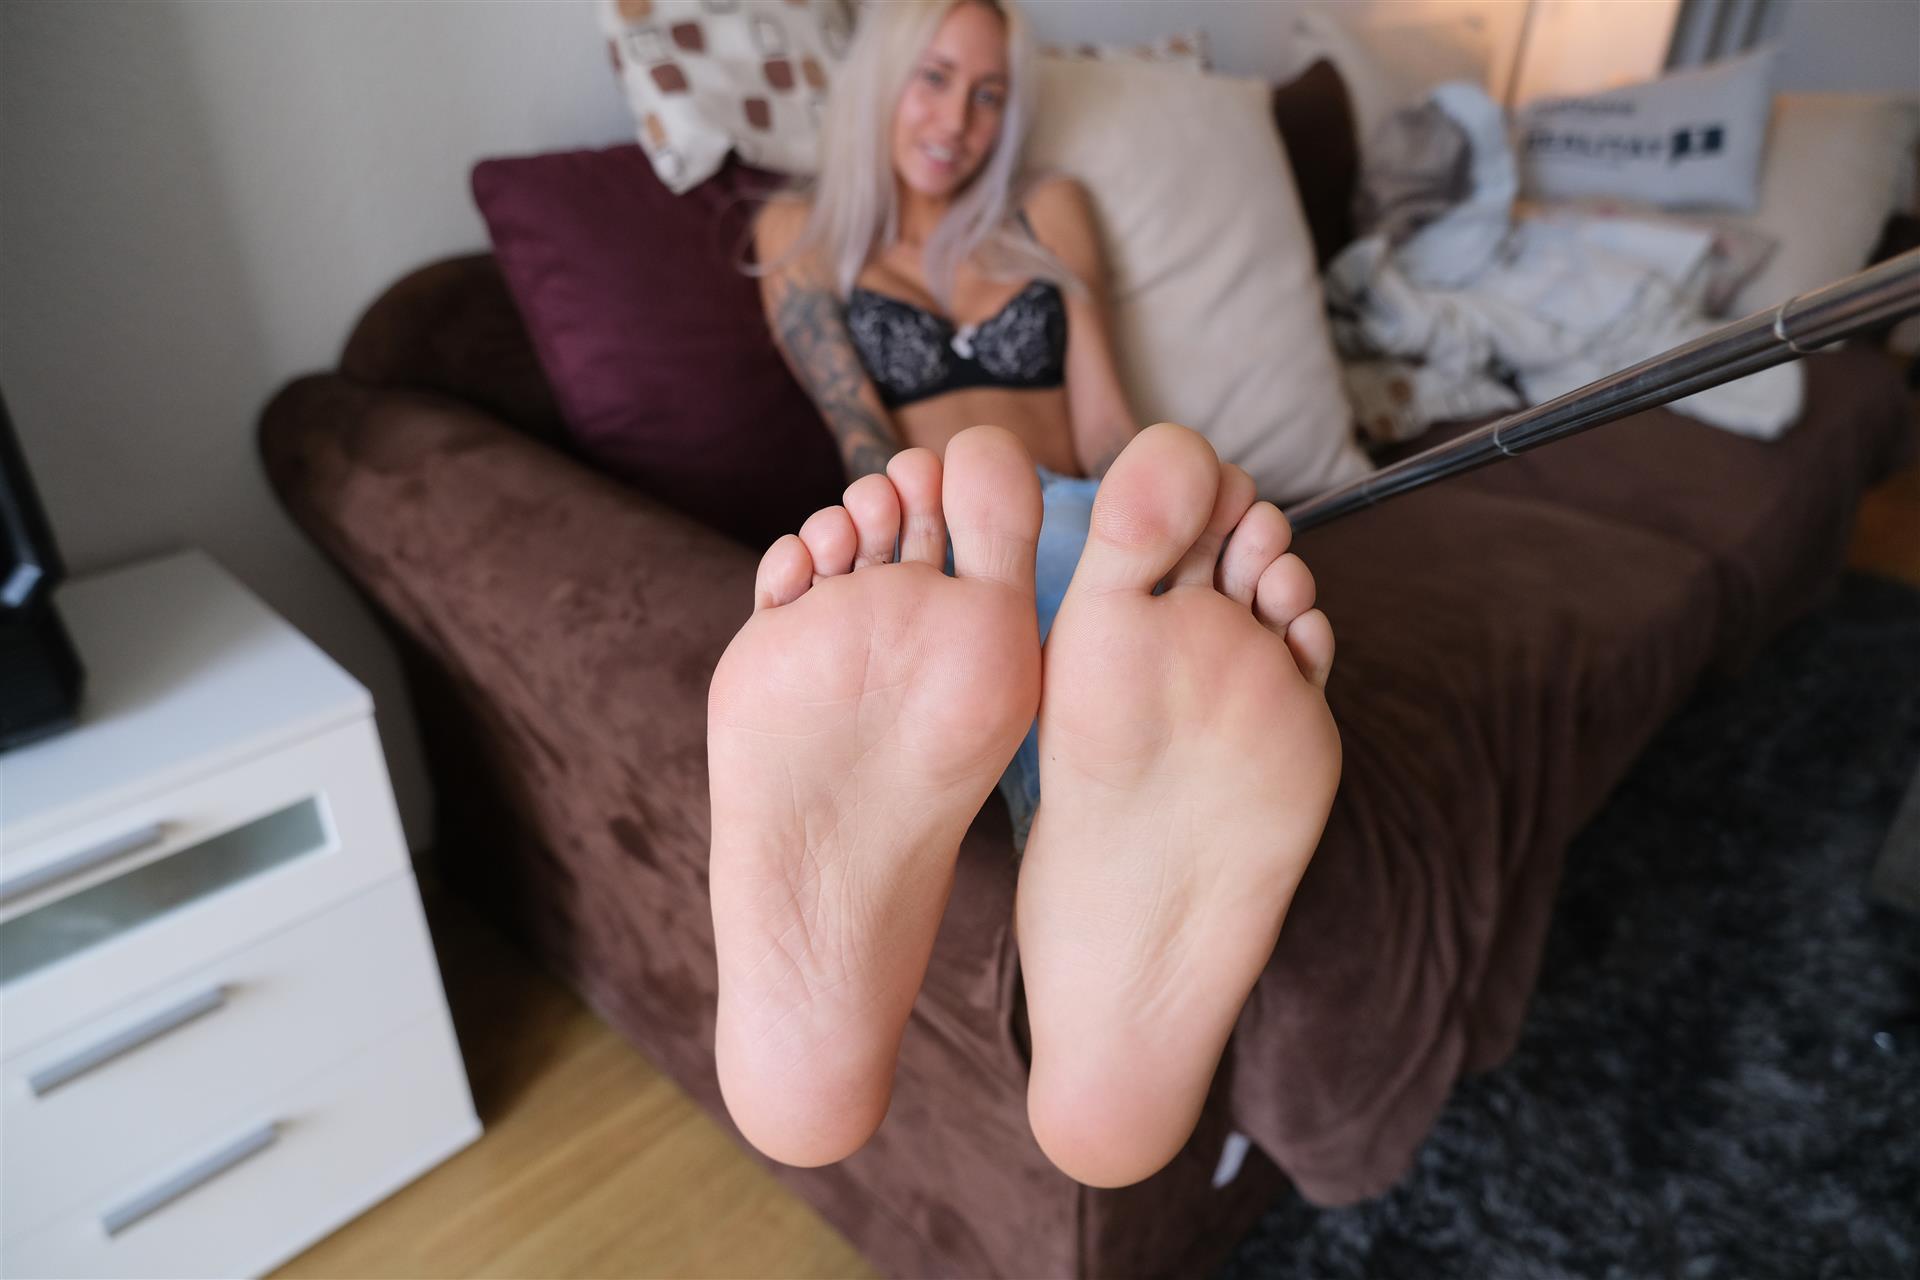 Fuß-Fetisch-Bild von SkinnyBitch99